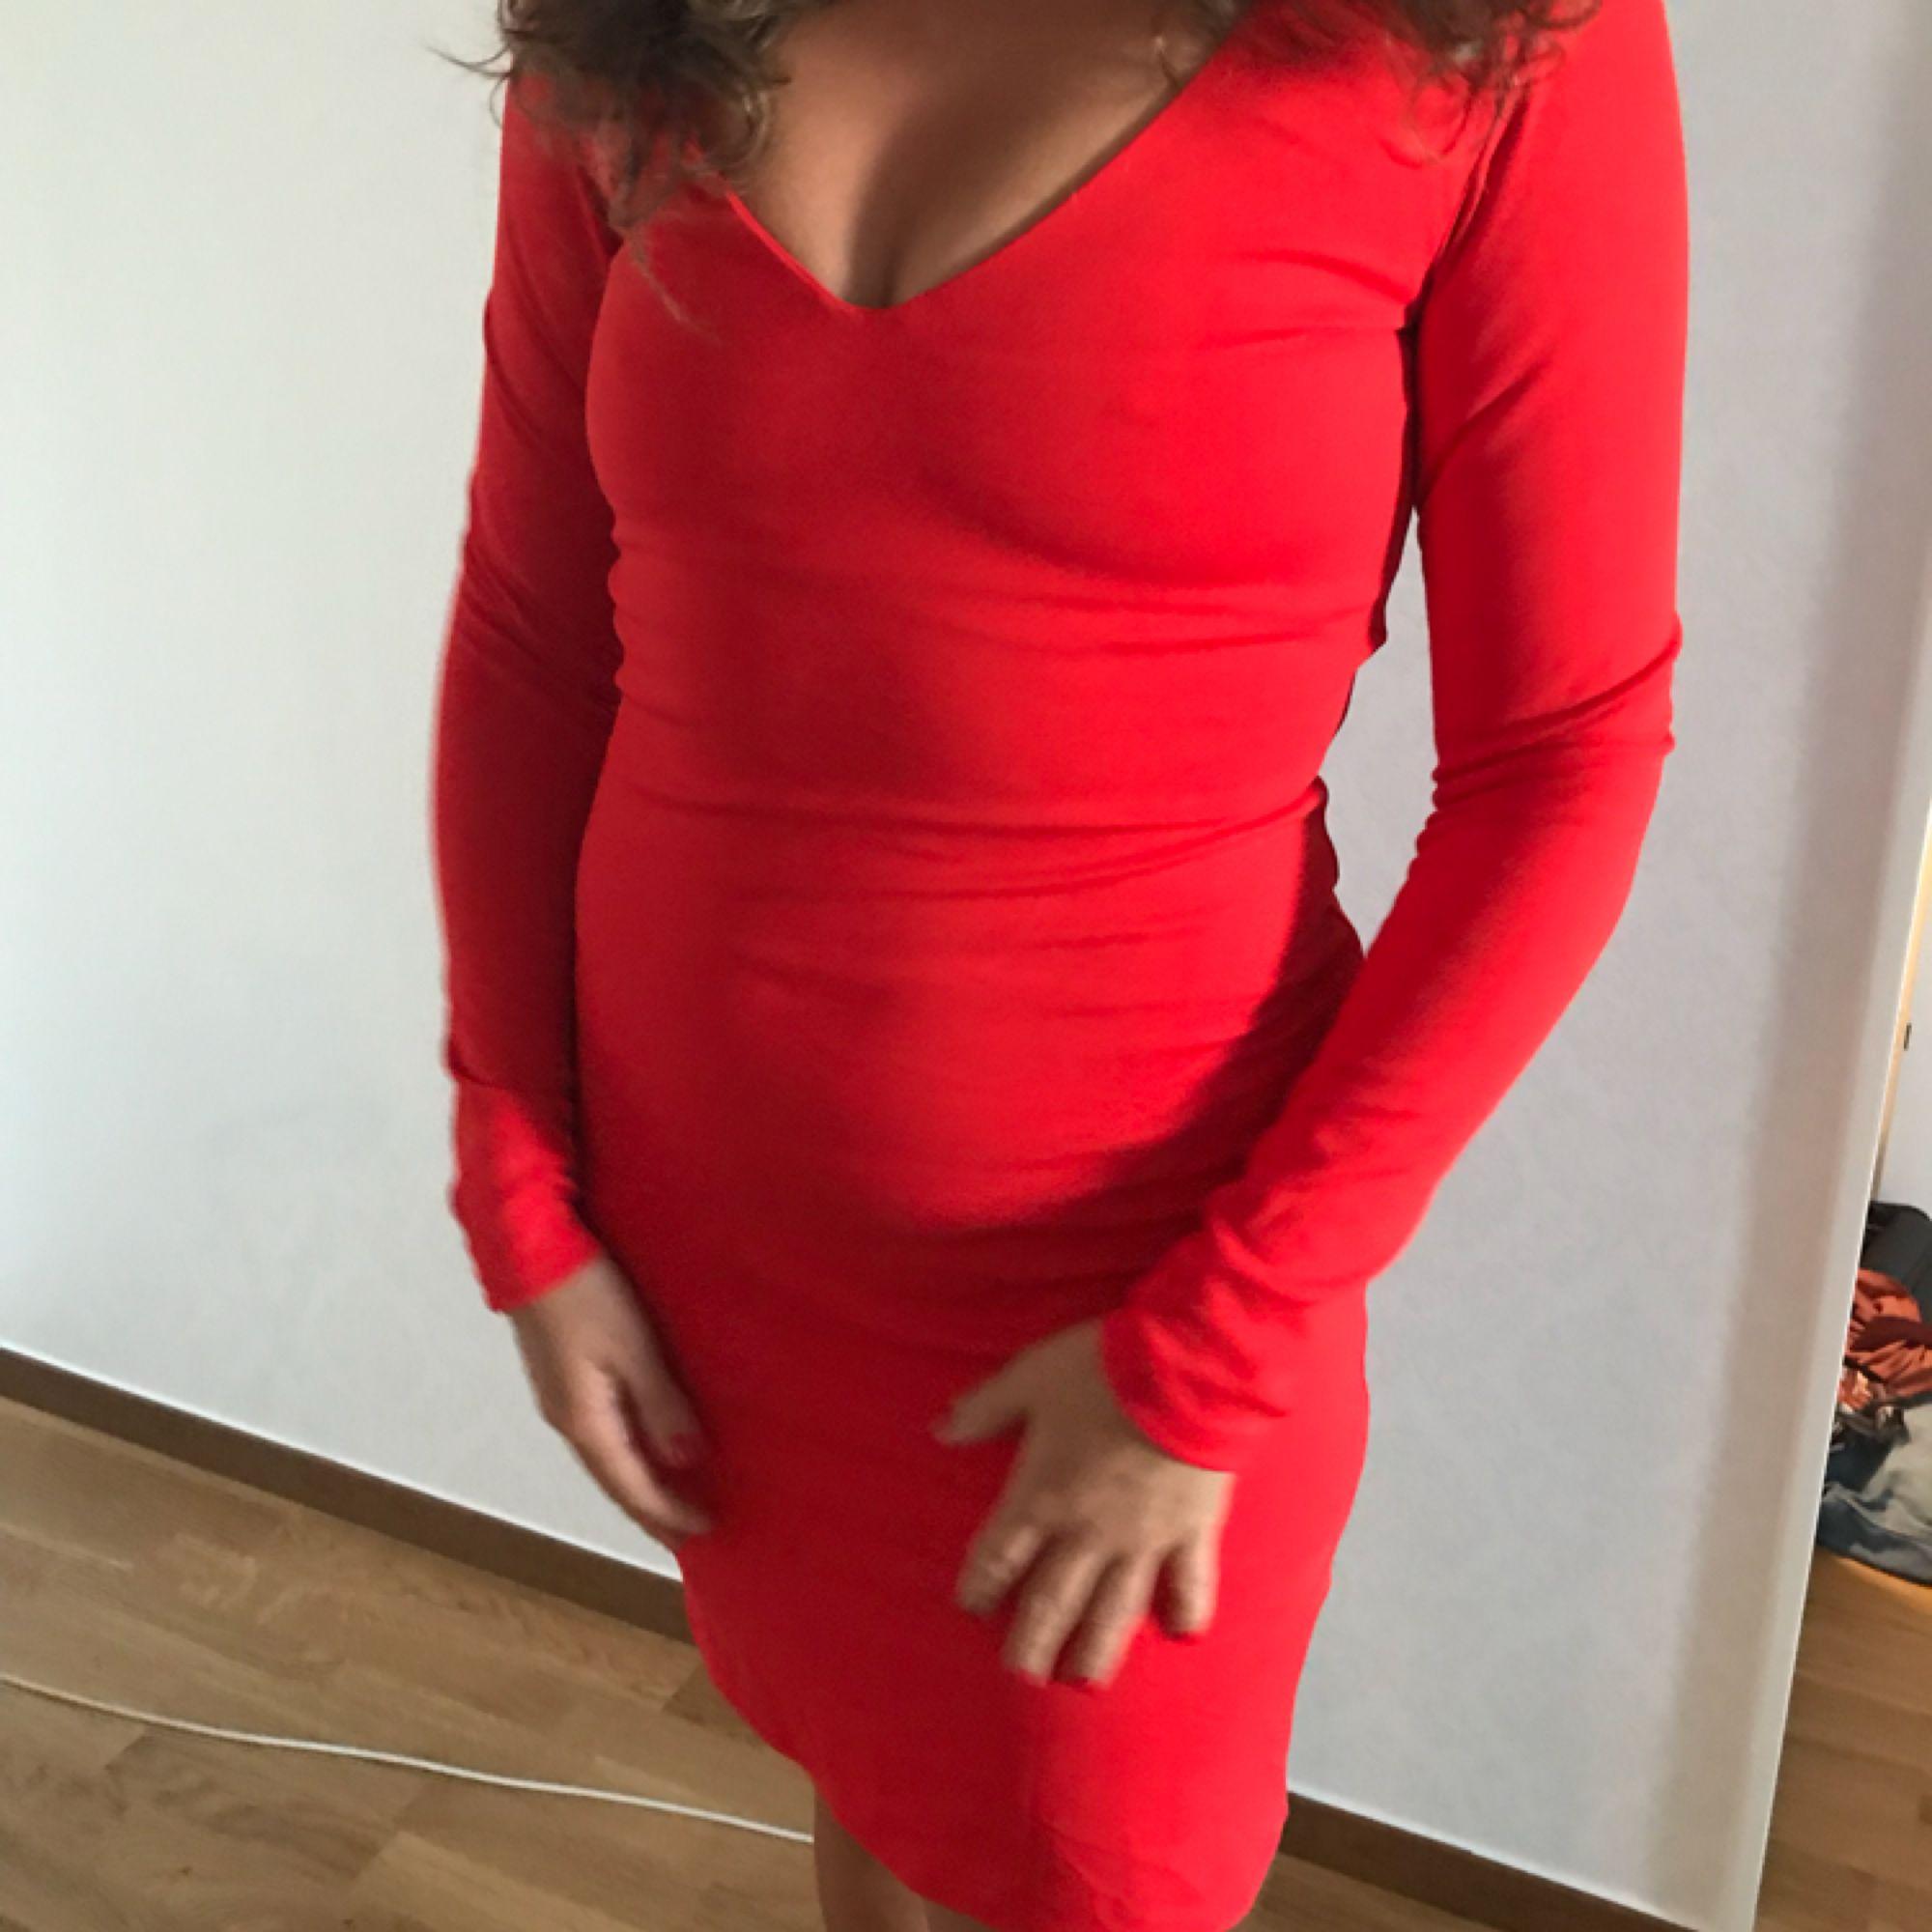 26e95f84de77 En jätte fin tajt röd klänning använt en gång, helt ny, frakt kommer kosta  ...